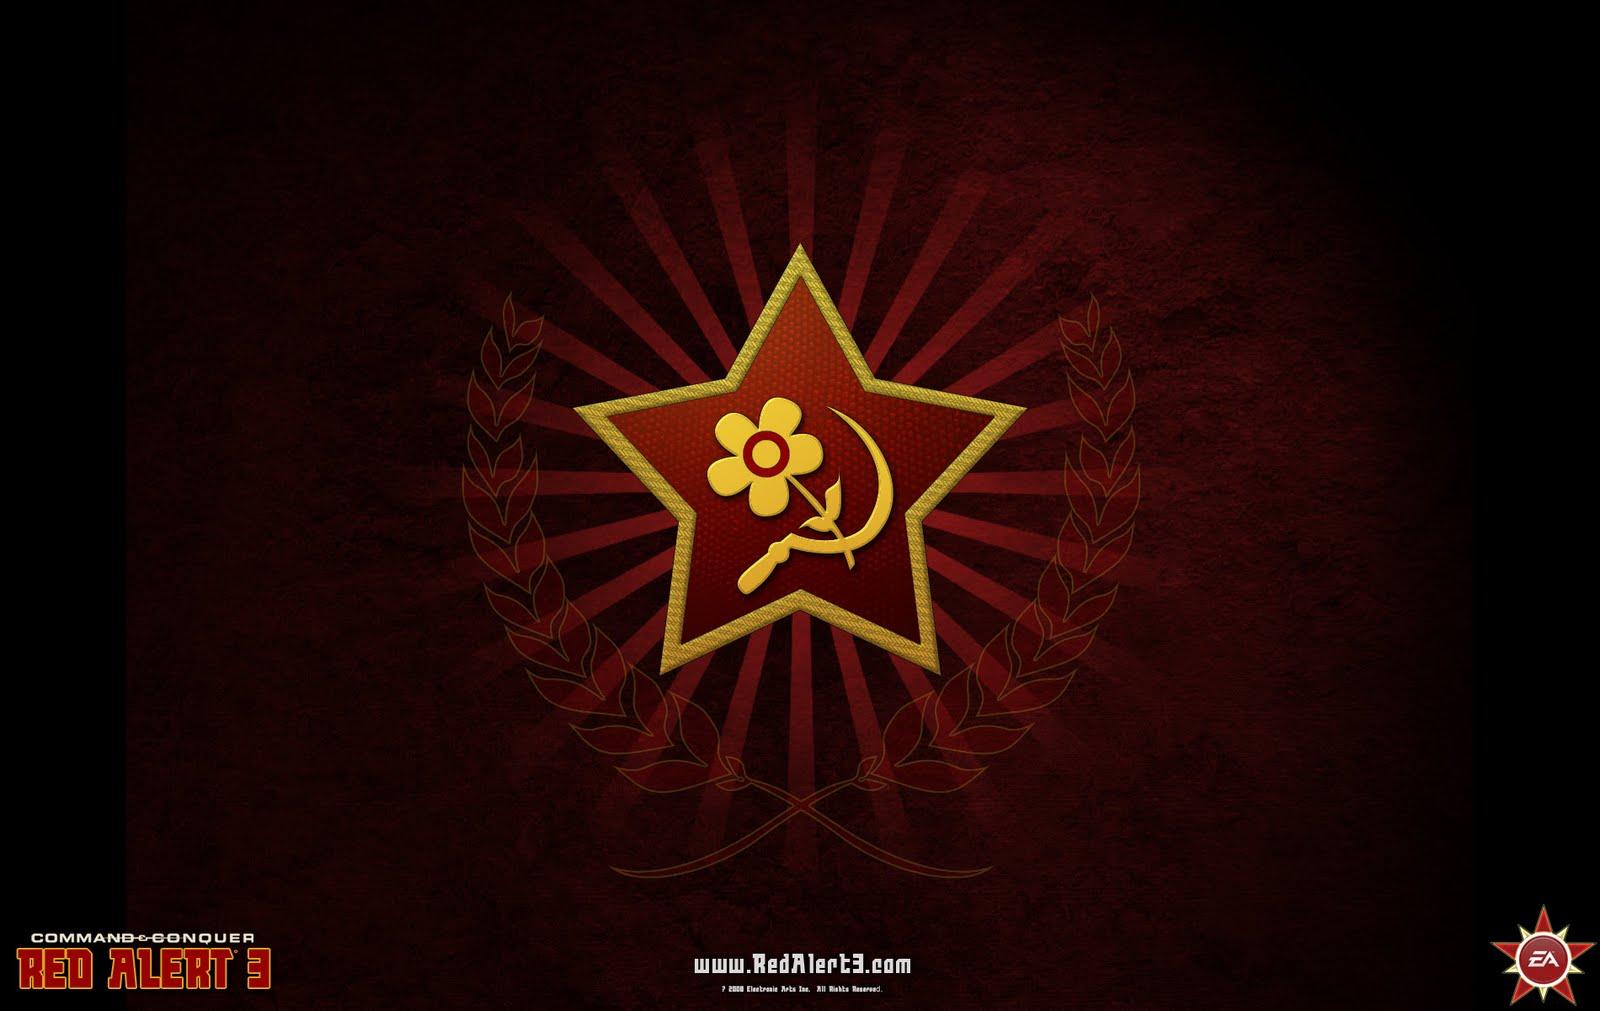 http://3.bp.blogspot.com/-L-8pemUtFo0/TraCDzzvNJI/AAAAAAAAASs/QVMYCq6uH6s/s1600/red-alert-3-wallpaper-11-794810.jpg